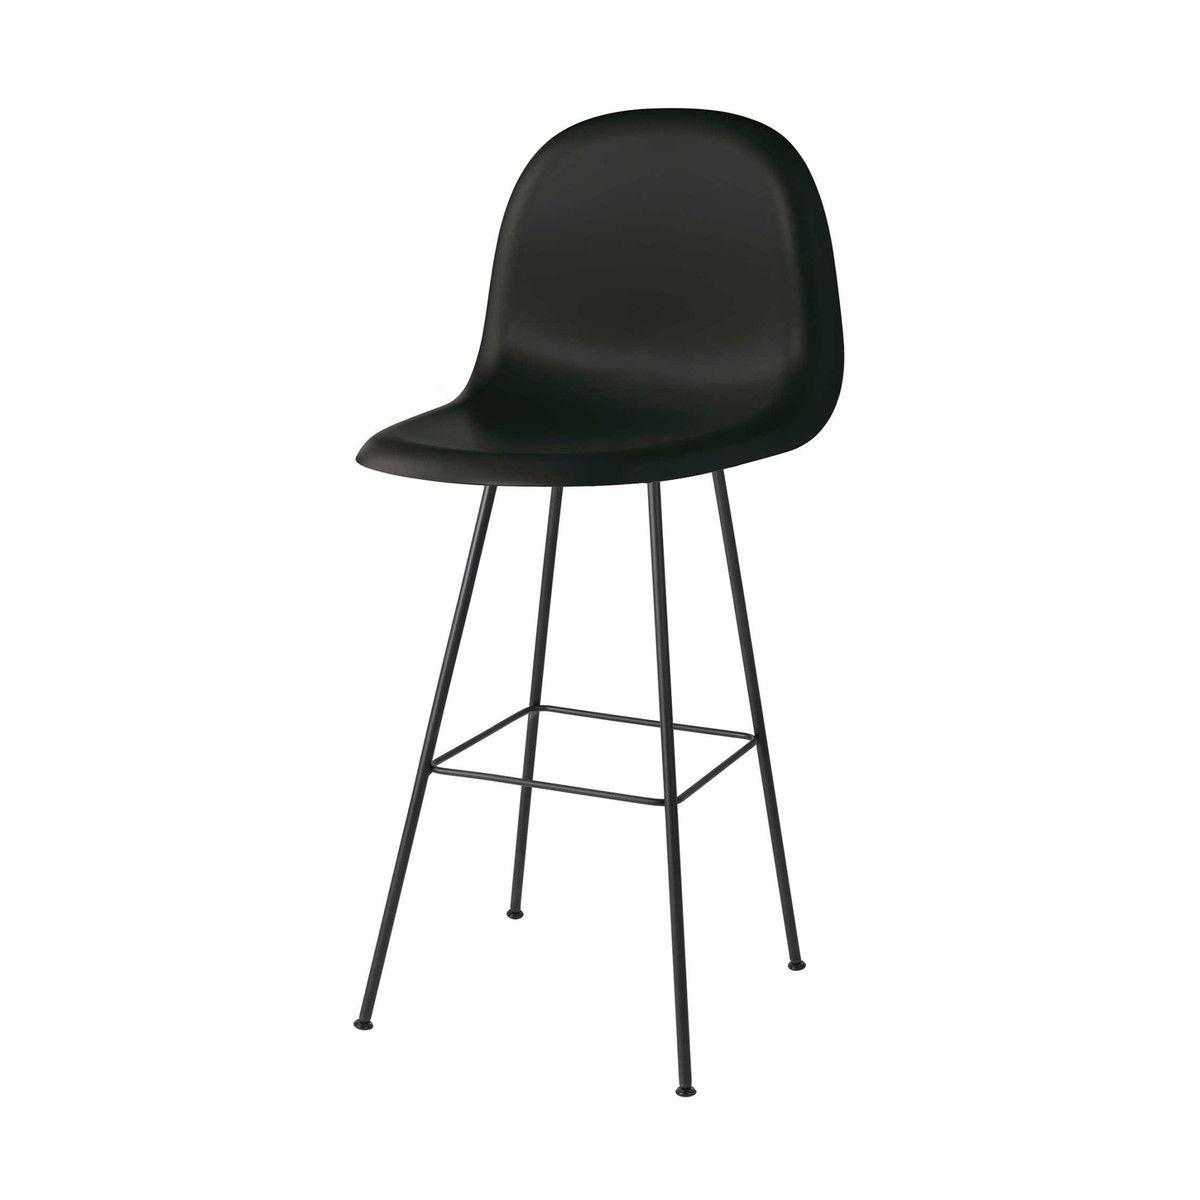 Gubi 3d counter chair barhocker gubi for Barhocker 3d